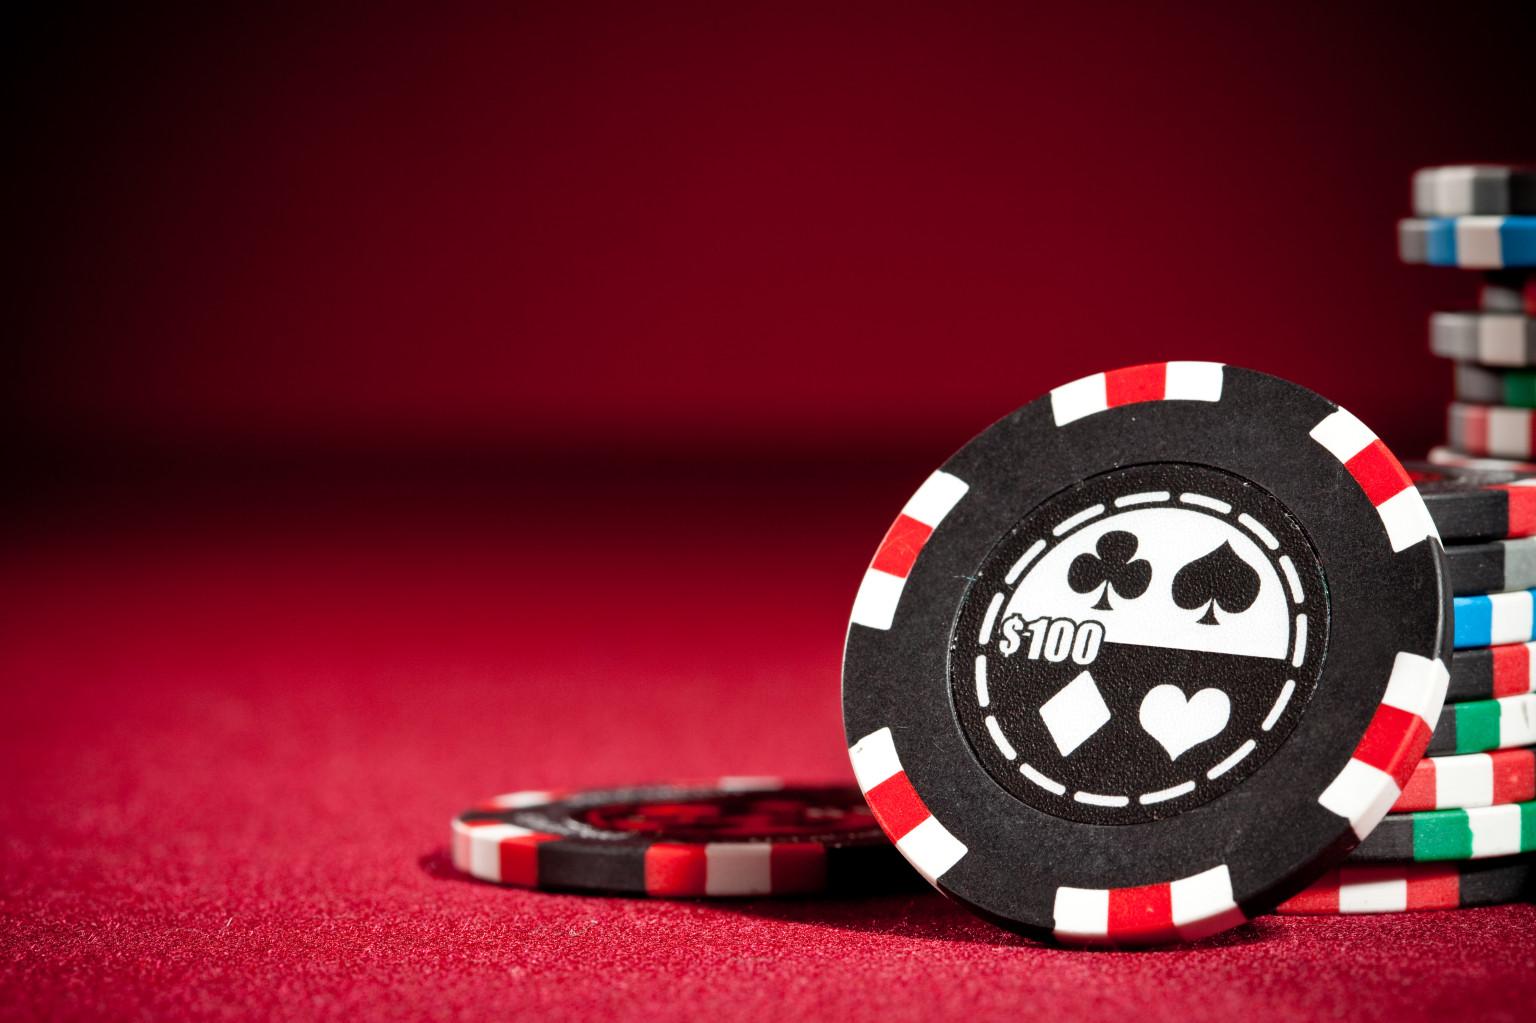 Jeux casino: où jouer correctement ?